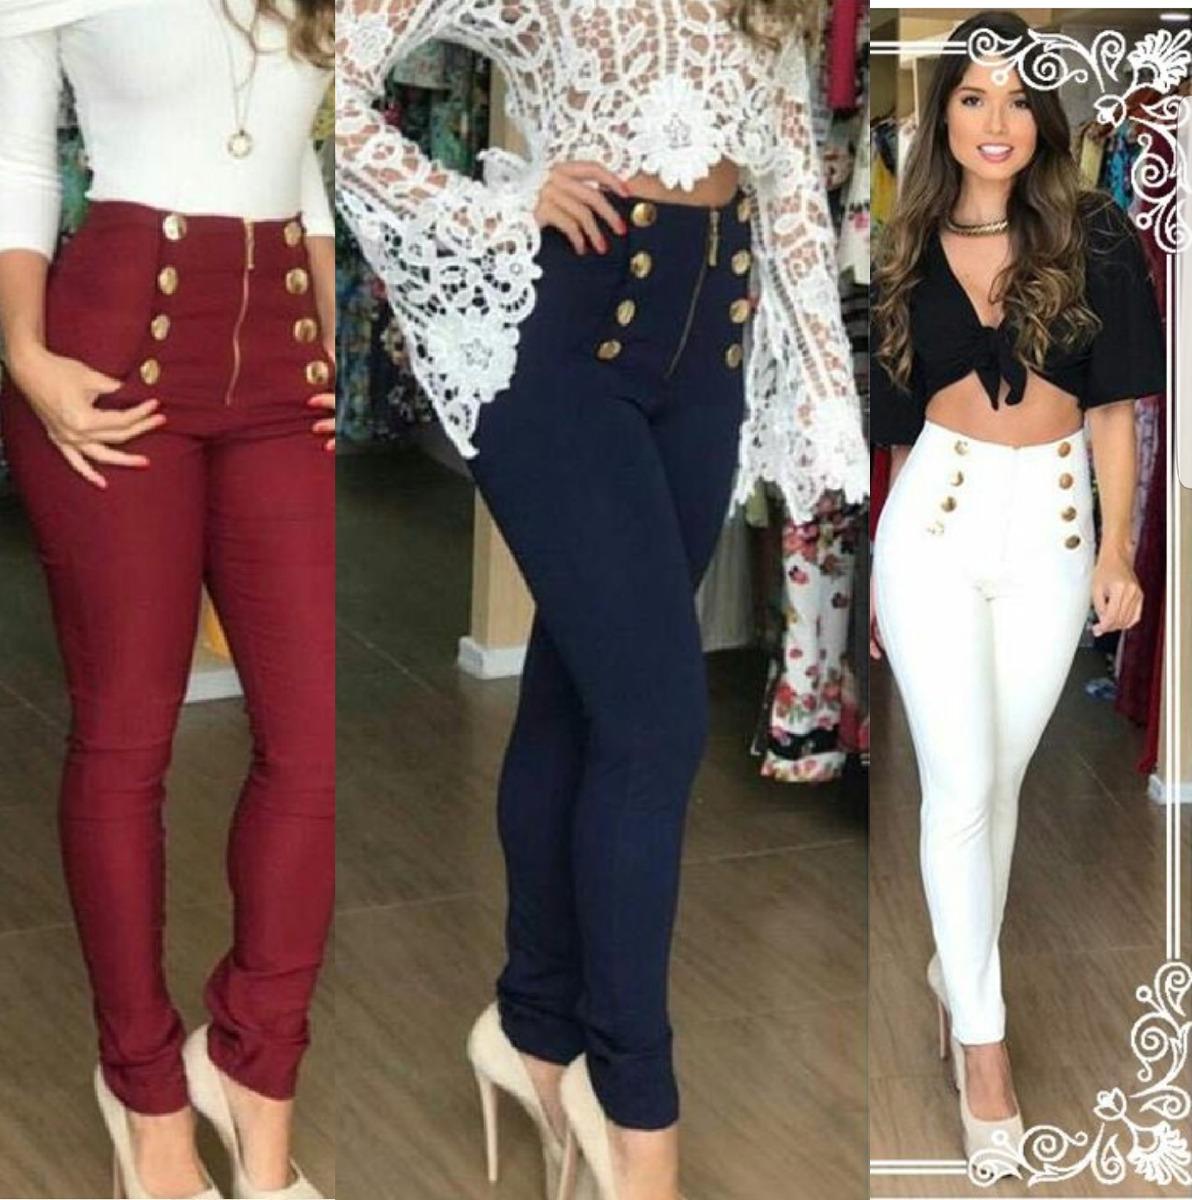 978b038ac calça social skinny cintura alta feminina preta branca luxo. Carregando  zoom.